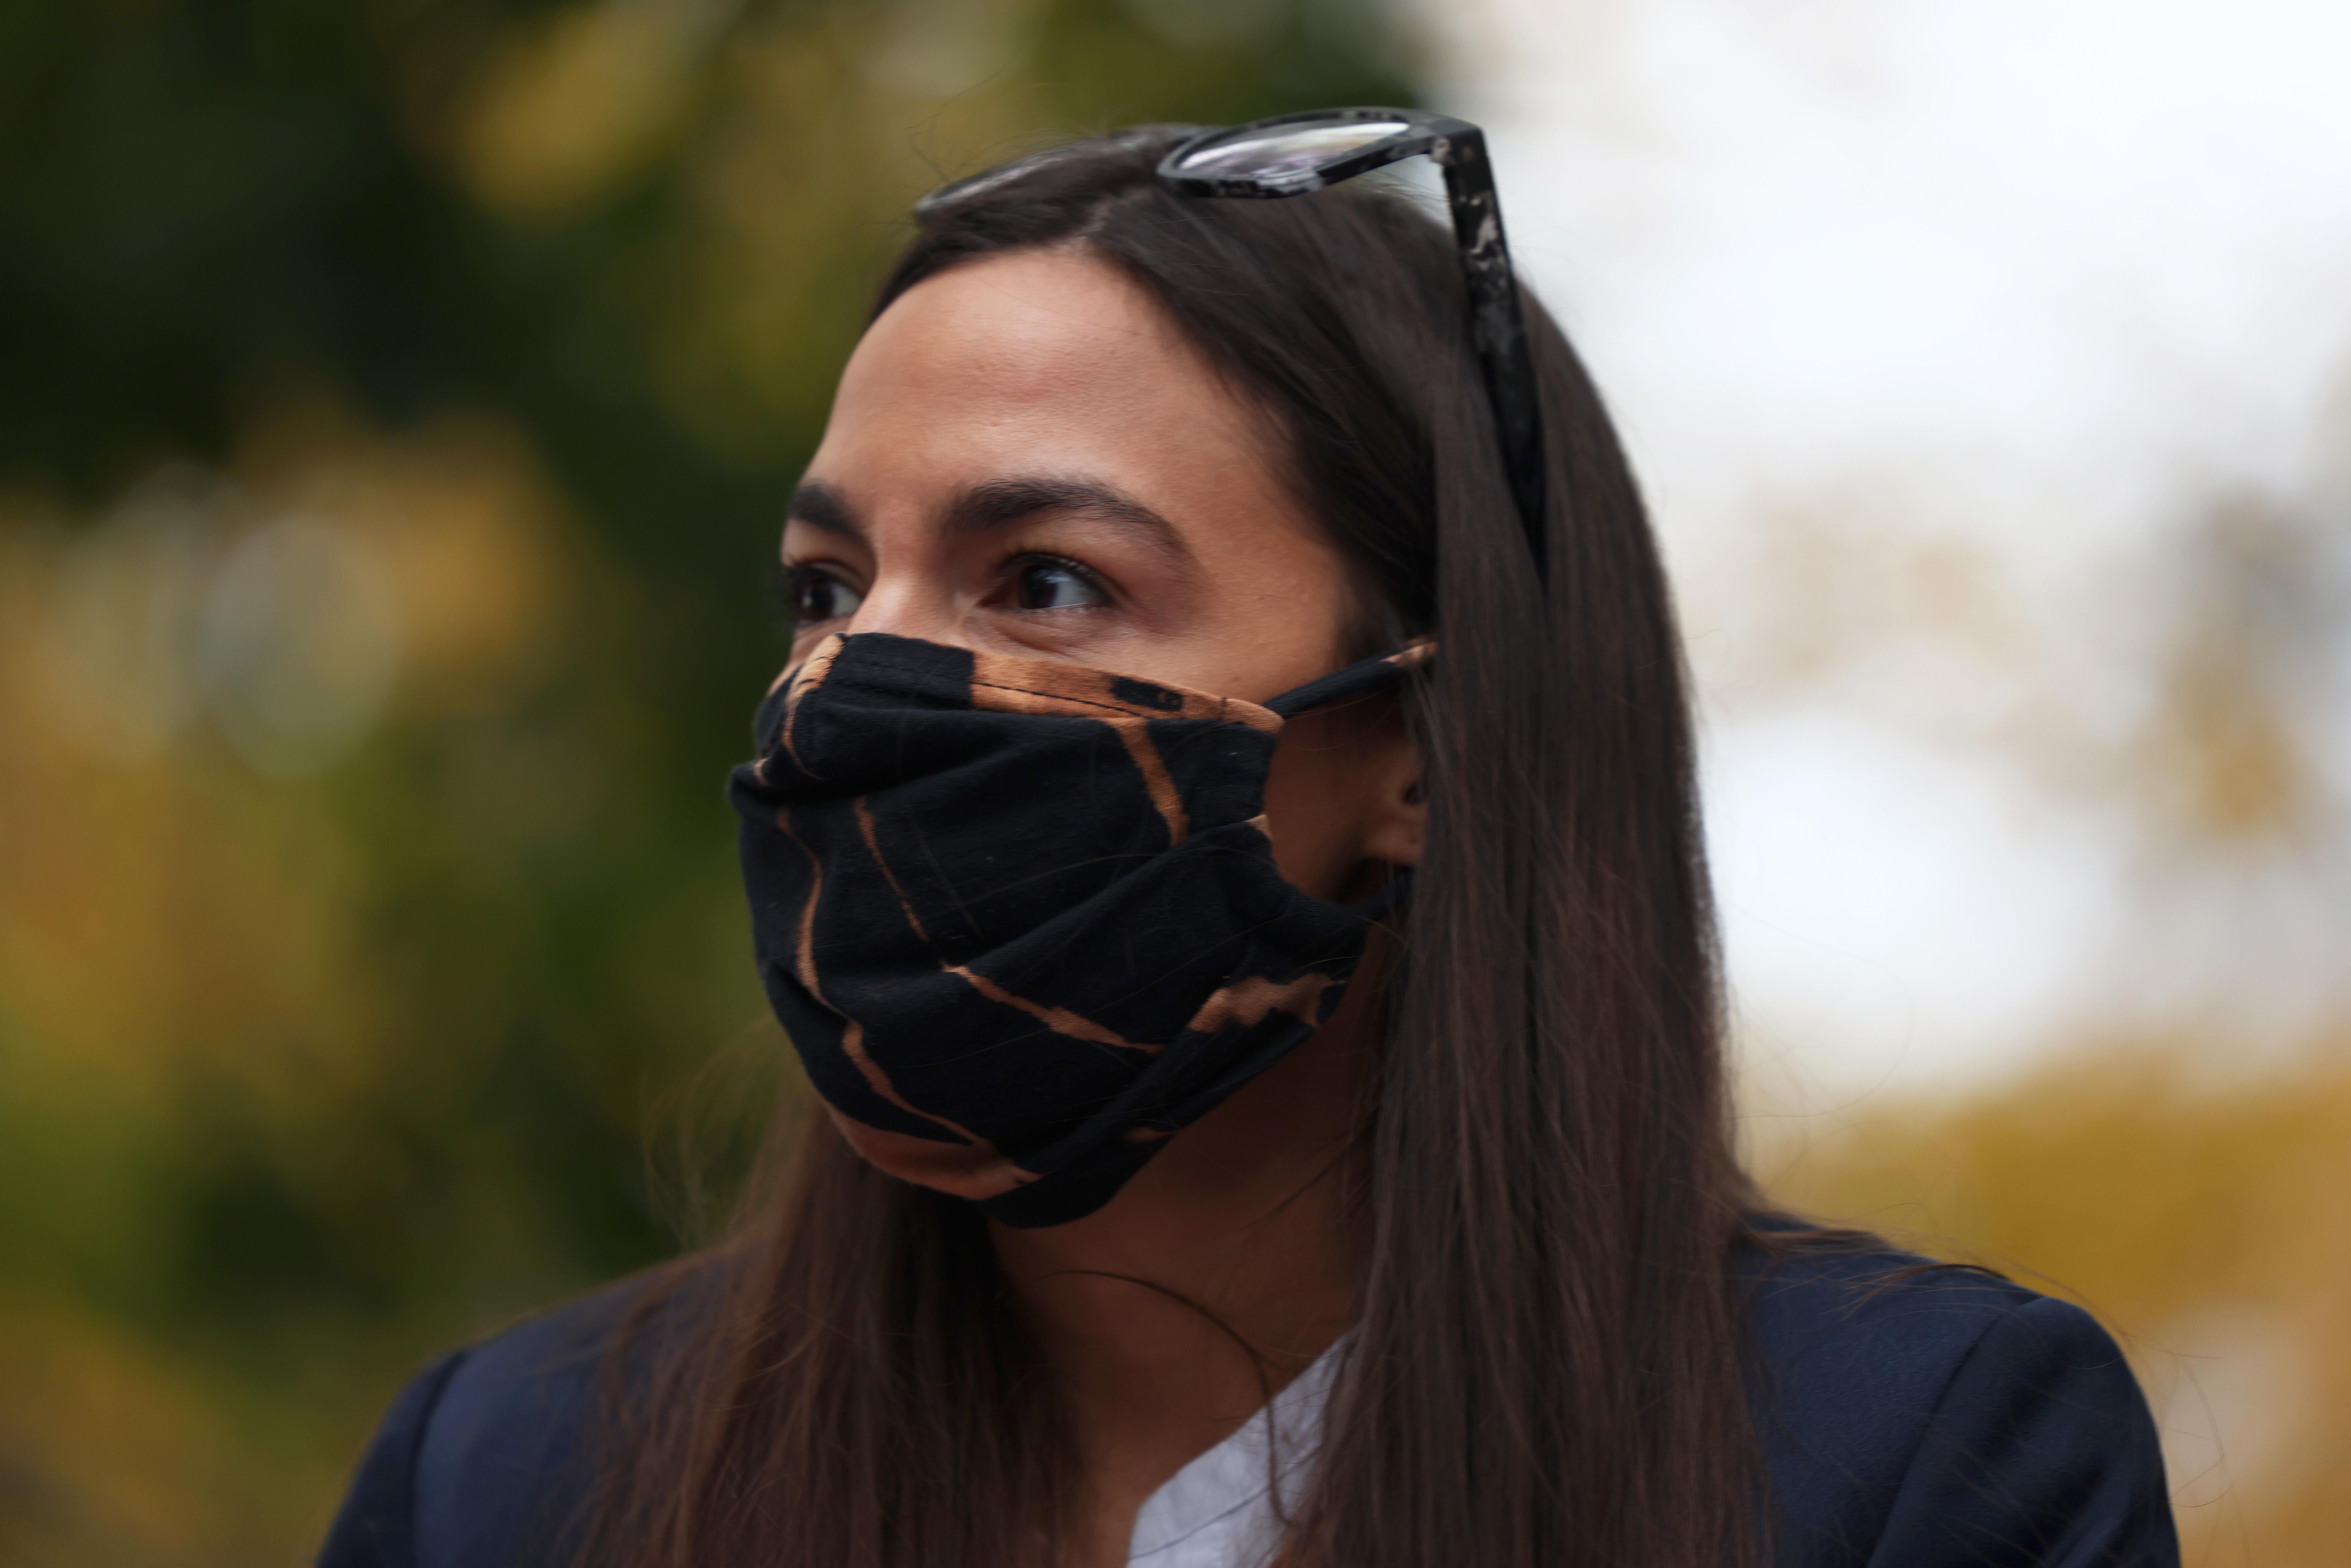 Alexandria Ocasio-Cortez először beszélt arról, hogy szexuálisan bántalmazták